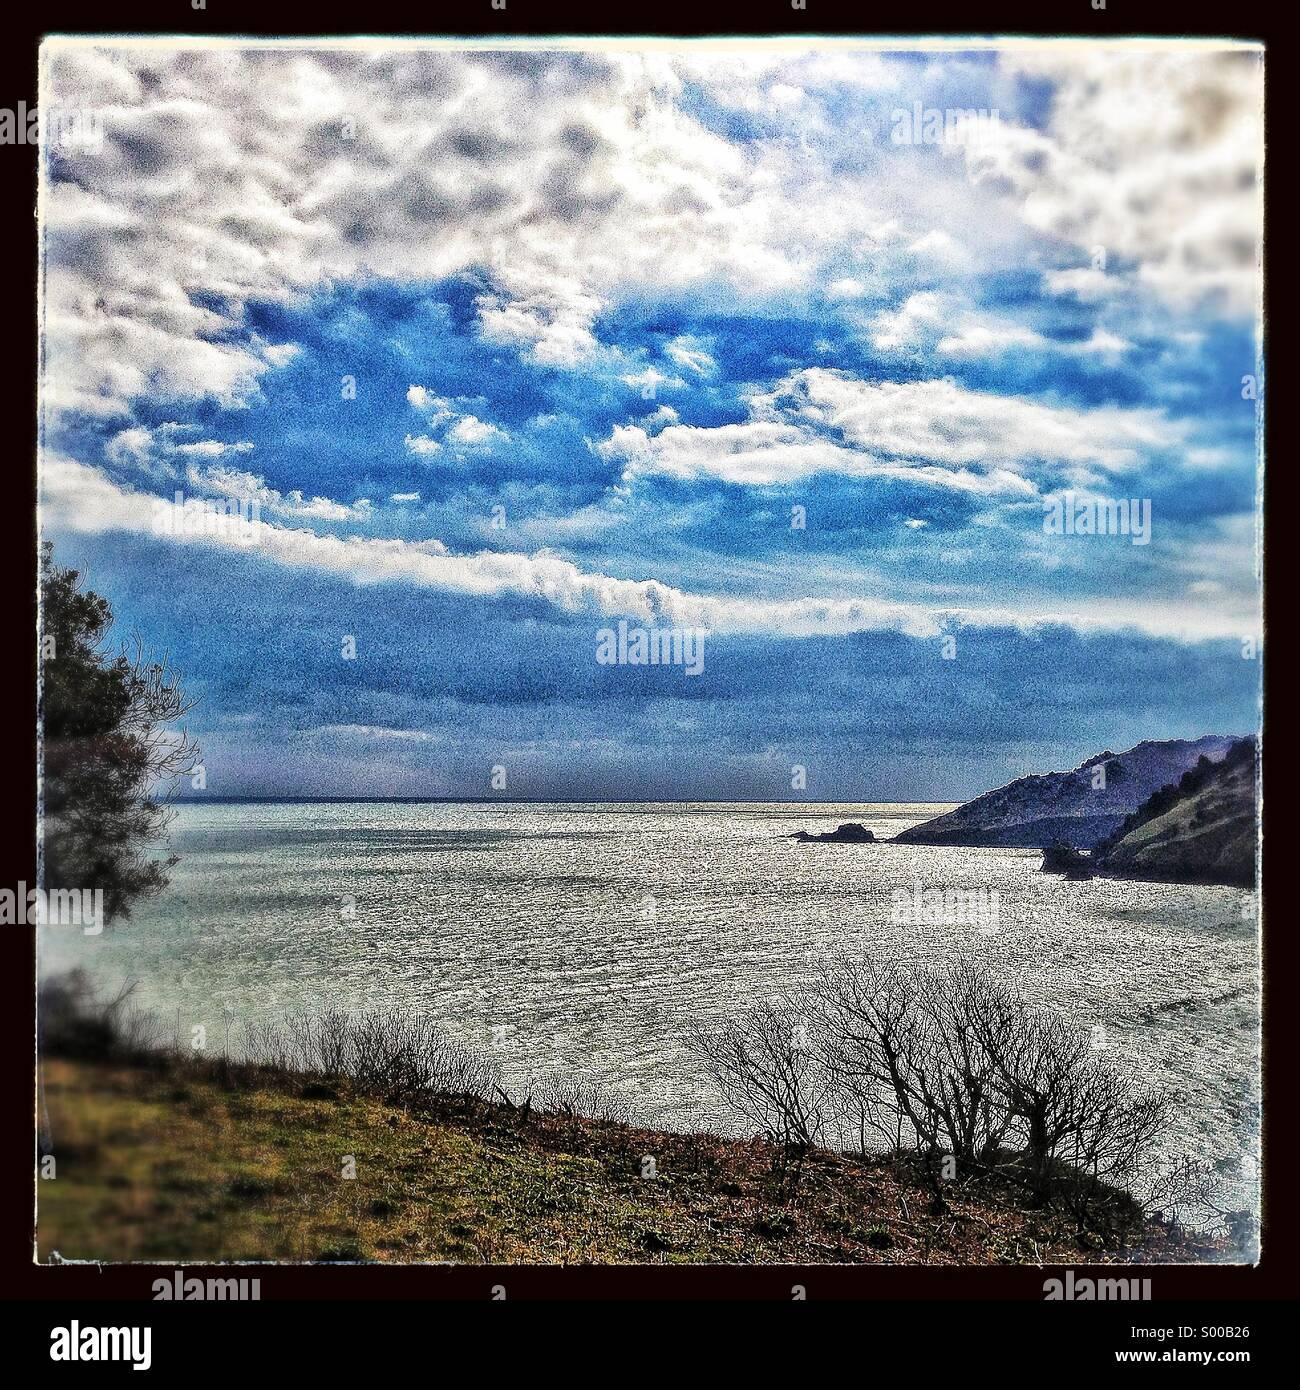 Salcombe estuary in winter - Stock Image